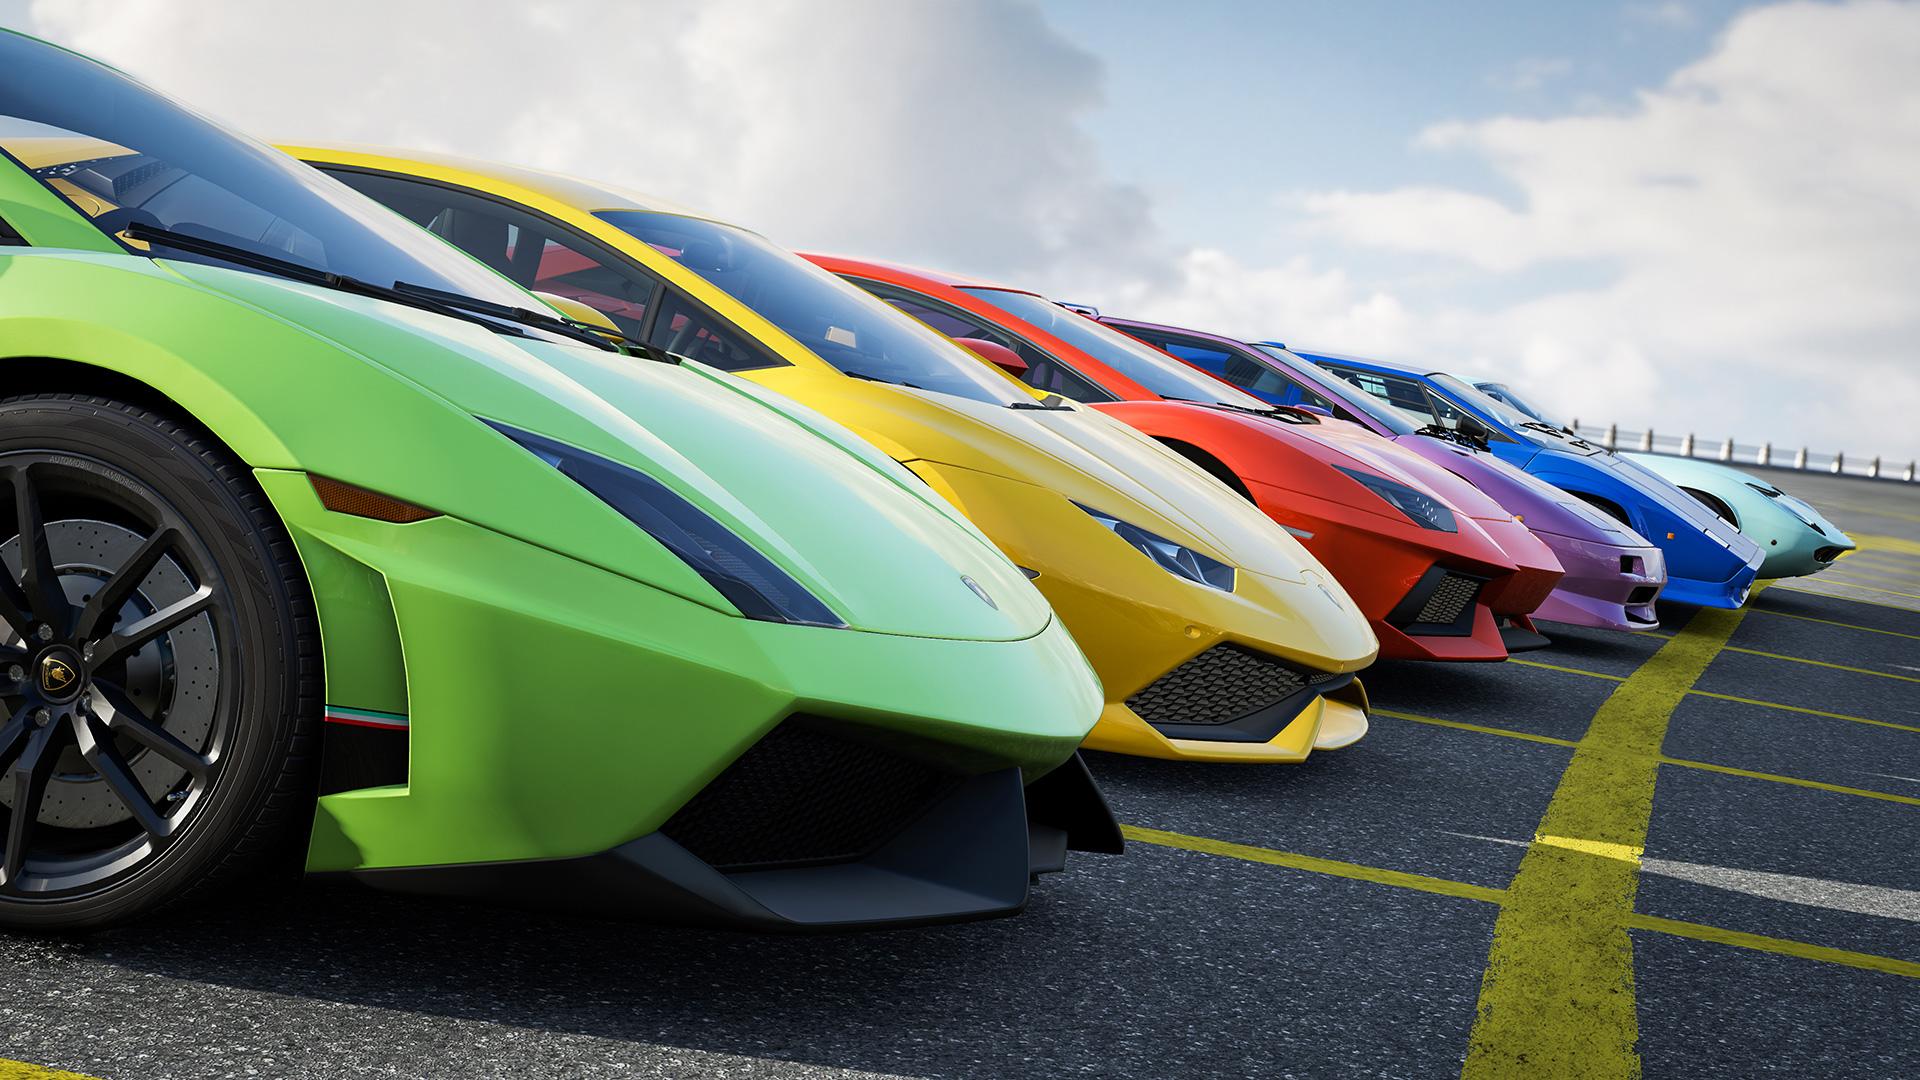 A row of Lamborghini's in Forza Motorsport